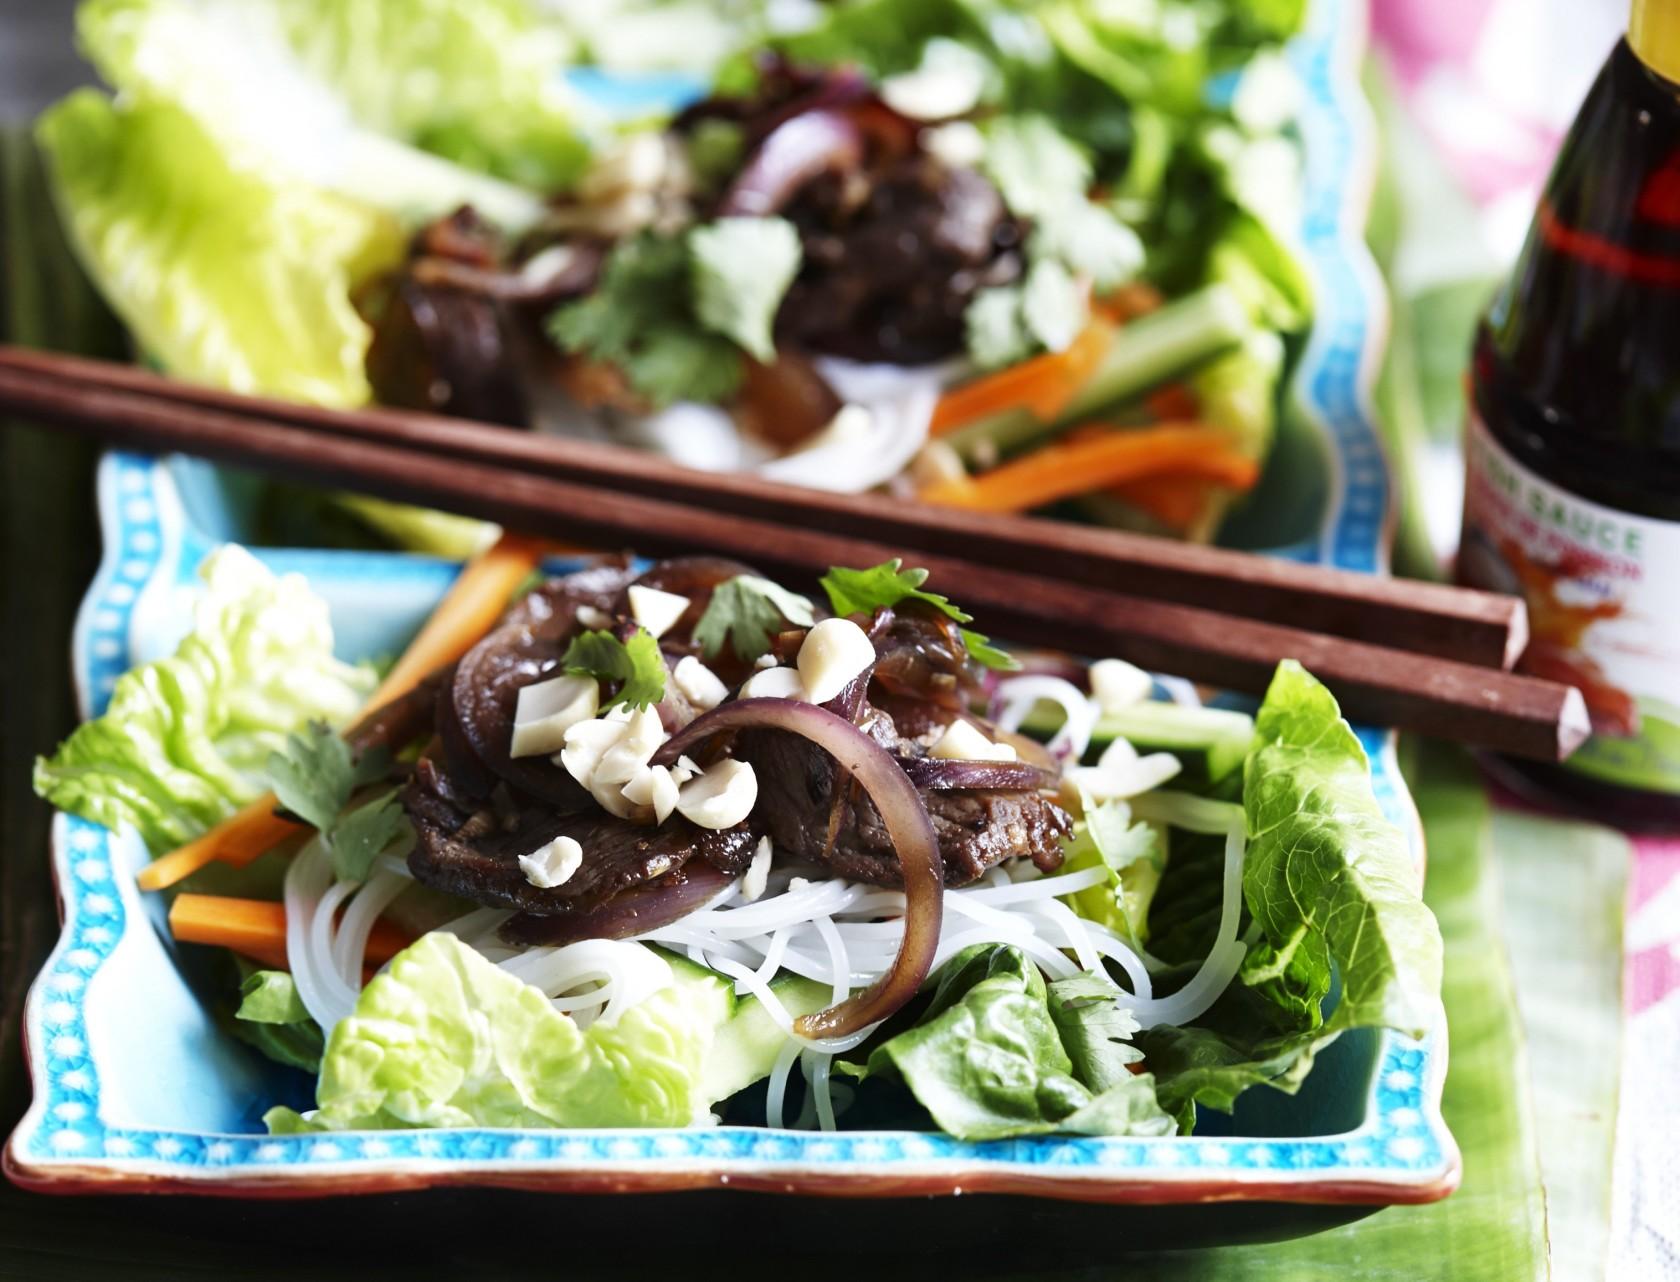 Nudelsalat med oksekød og rødløg - nem og lækker hverdagsmad.